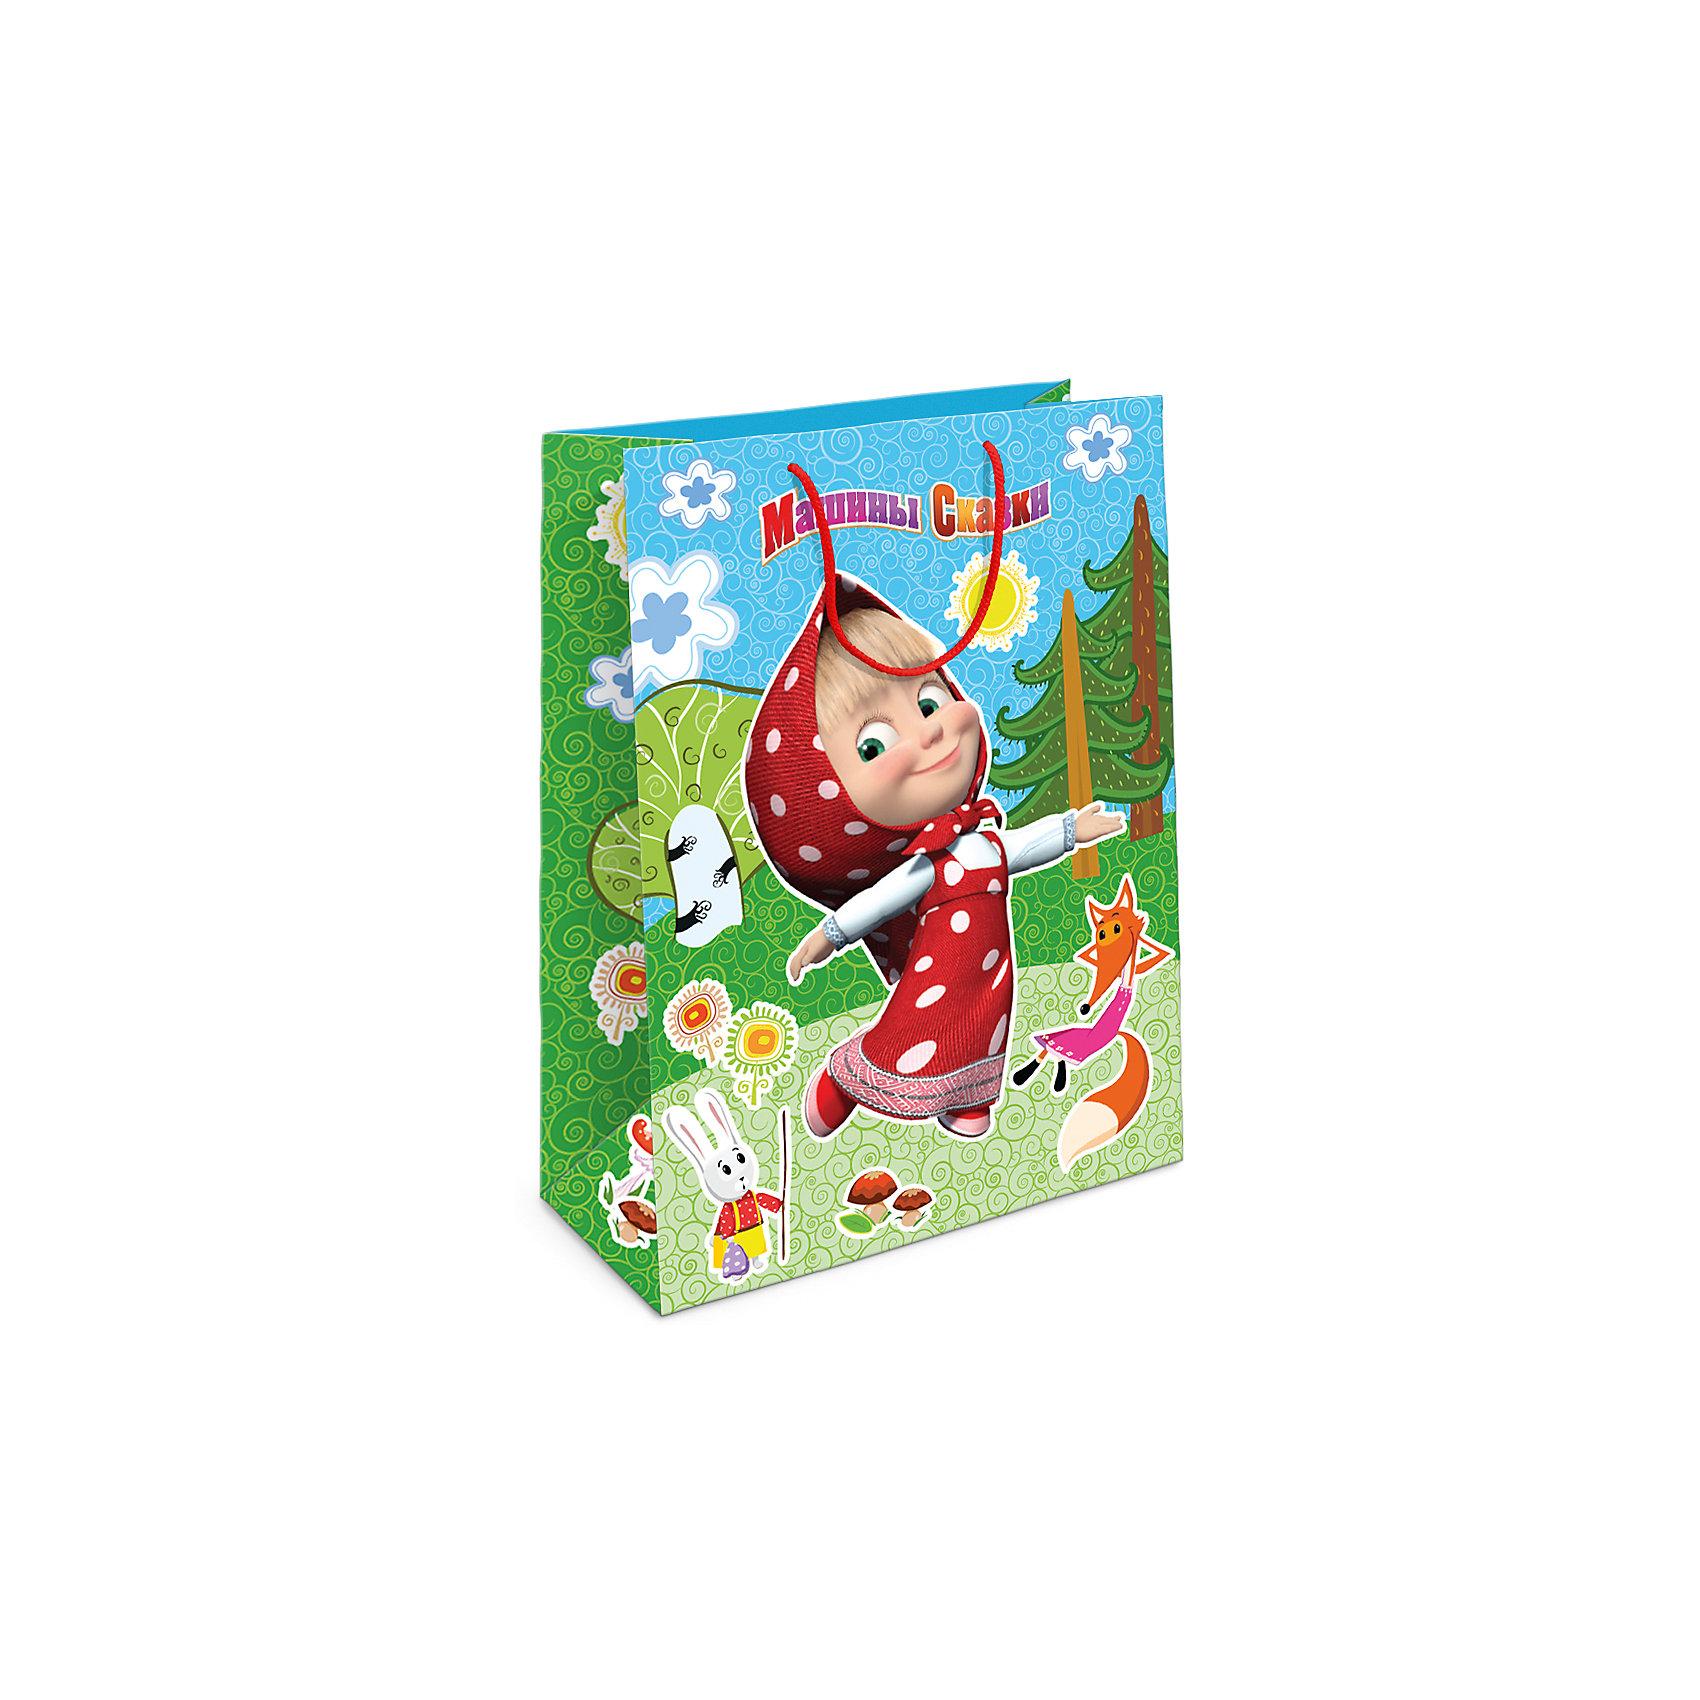 Пакет подарочный  Лесная сказка Маши, 35*25*9Всё для праздника<br>Подарочный бумажный пакет «Лесная сказка Маши» с жизнерадостными героями мультфильма «Маша и Медведь» ярко украсит подарок и еще больше поднимет праздничное настроение виновнику торжества. Размер: 35х25х9 см. В ассортименте вы также сможете найти такой же пакет размером 23х18х10 см.<br><br>Ширина мм: 350<br>Глубина мм: 250<br>Высота мм: 5<br>Вес г: 61<br>Возраст от месяцев: 144<br>Возраст до месяцев: 120<br>Пол: Унисекс<br>Возраст: Детский<br>SKU: 5016444